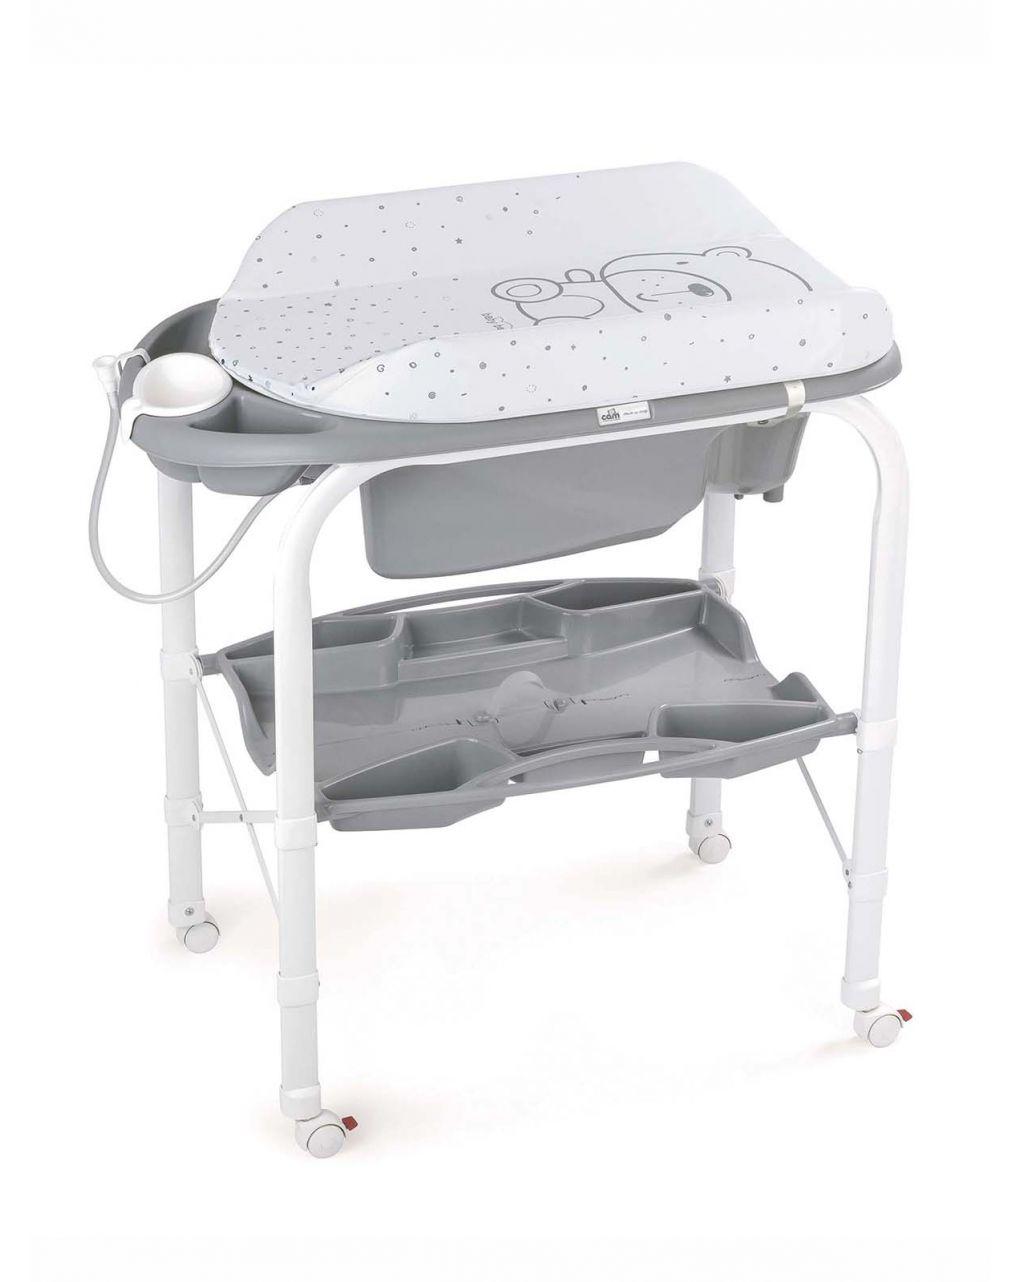 Trocador de banho para bebê teddy grey - Cam